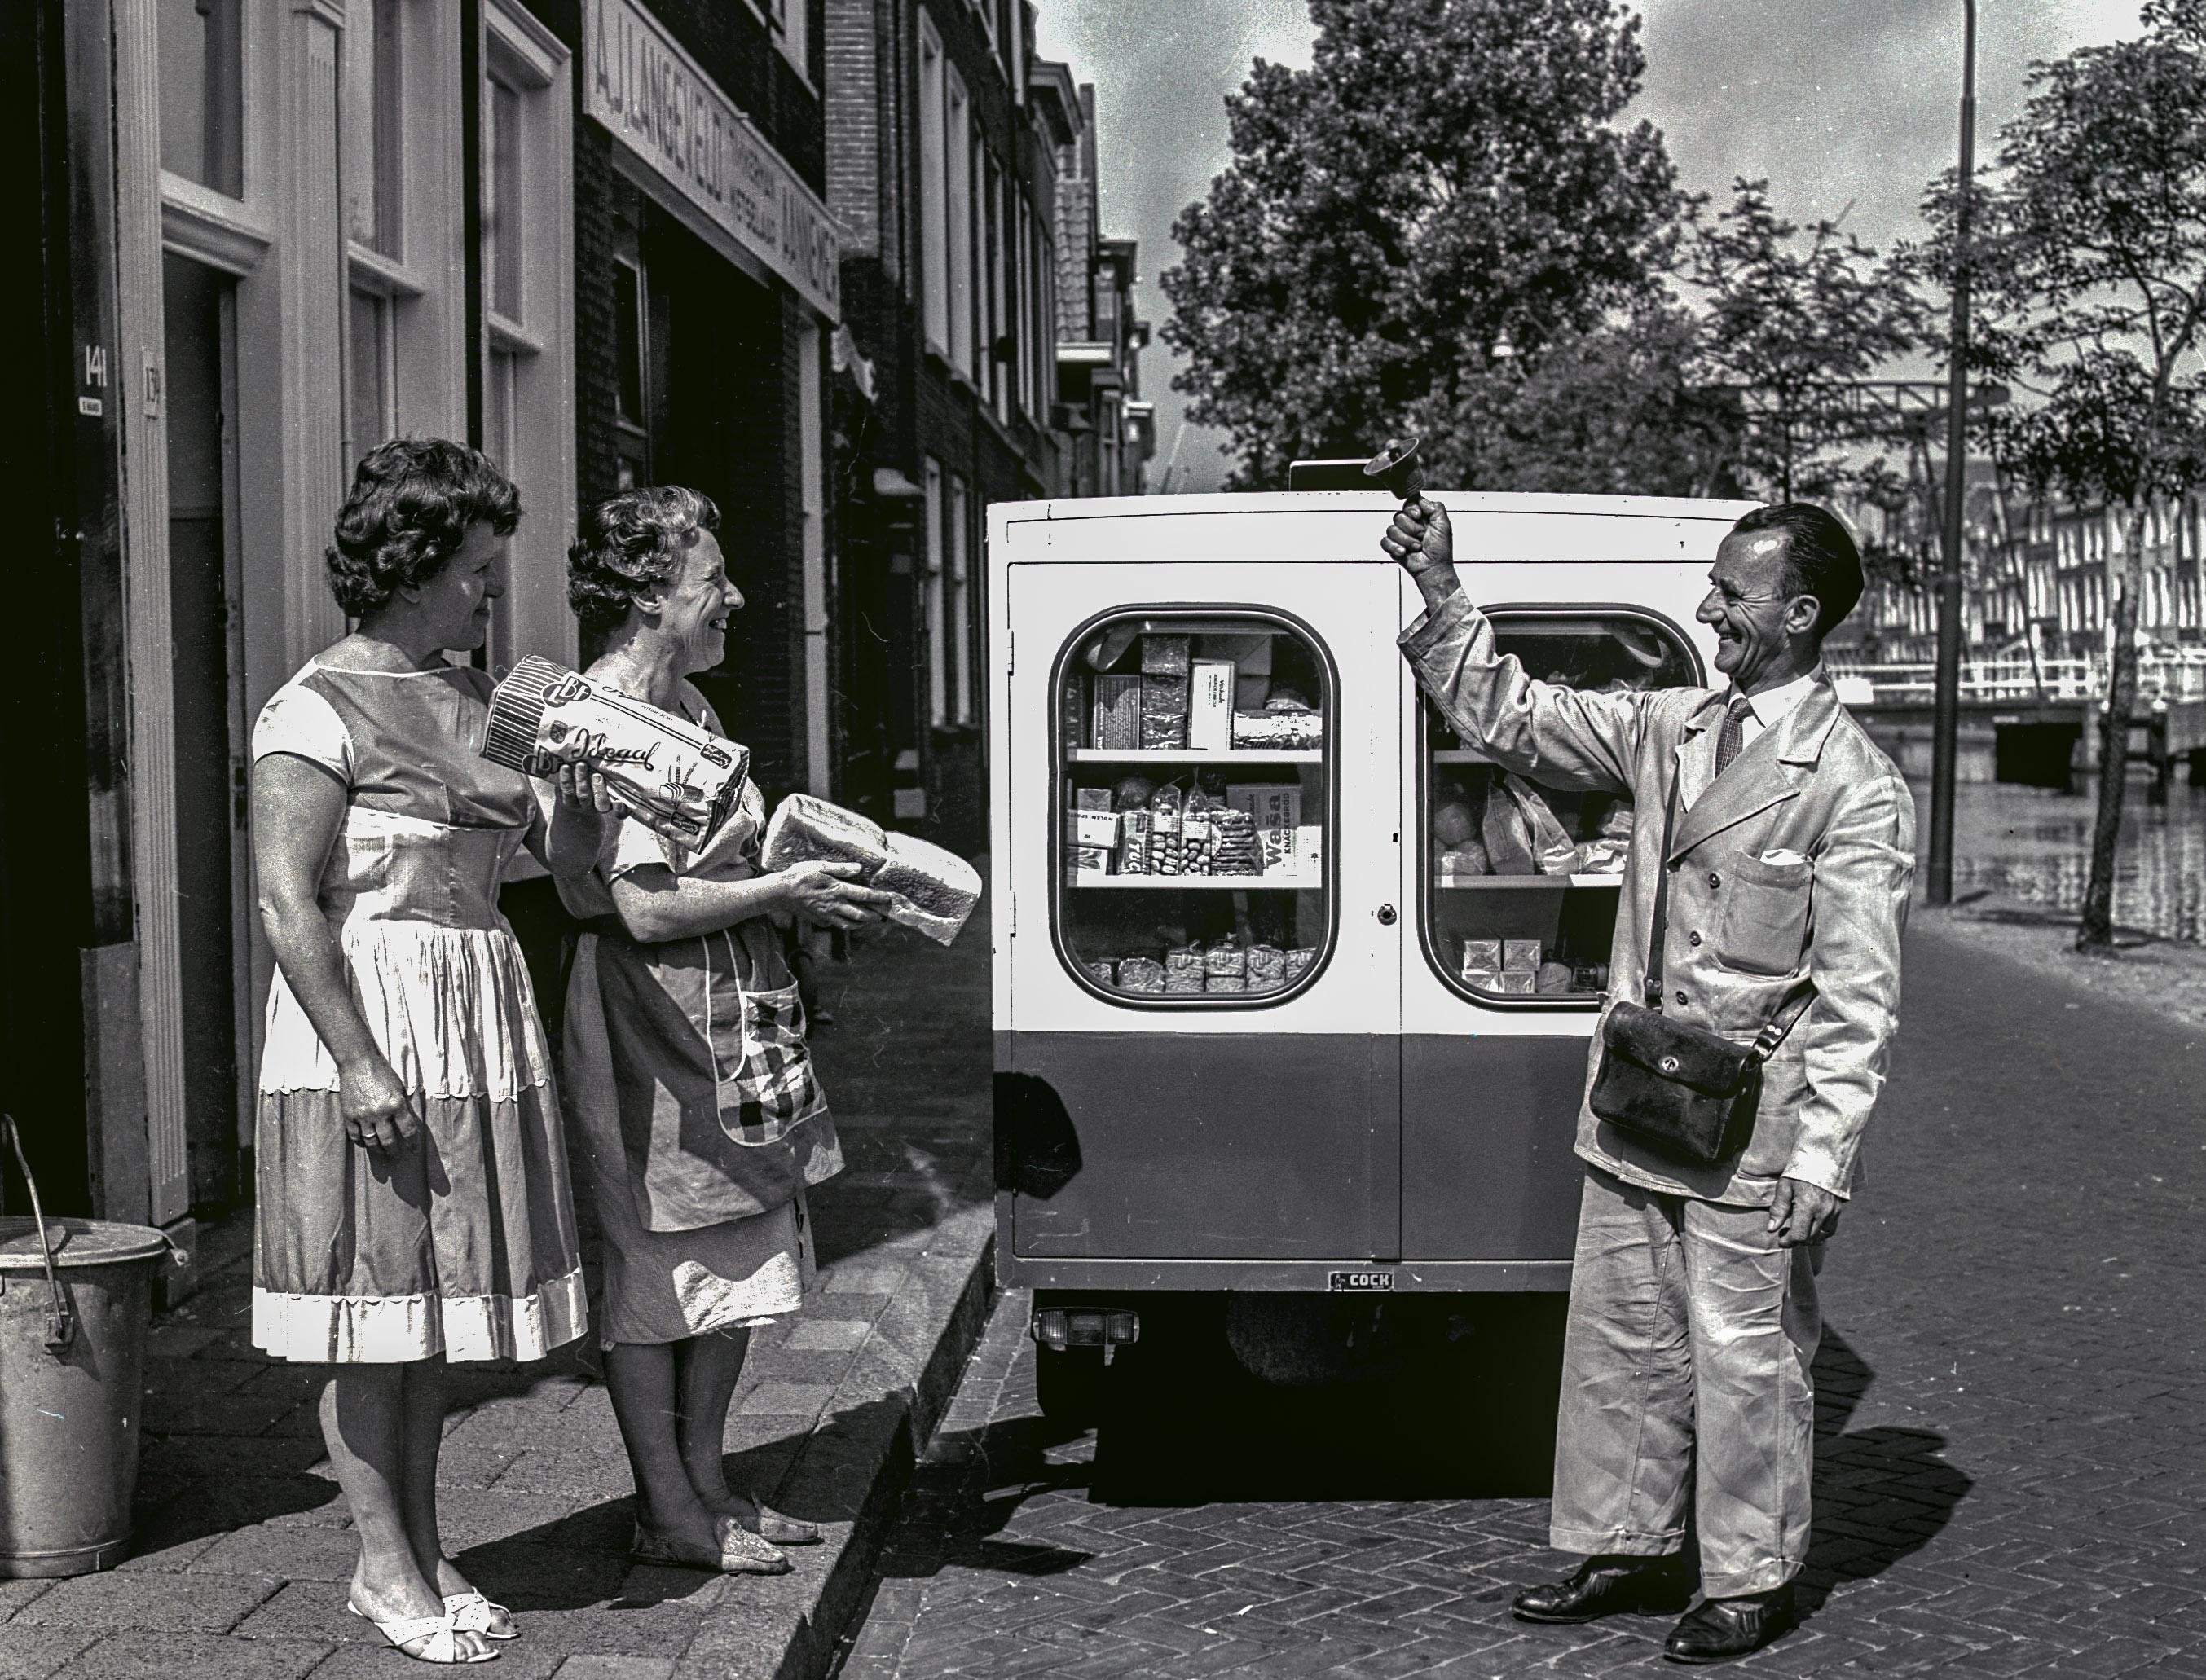 Een kalender vol Jan Holvast - de jaren zestig in beeld